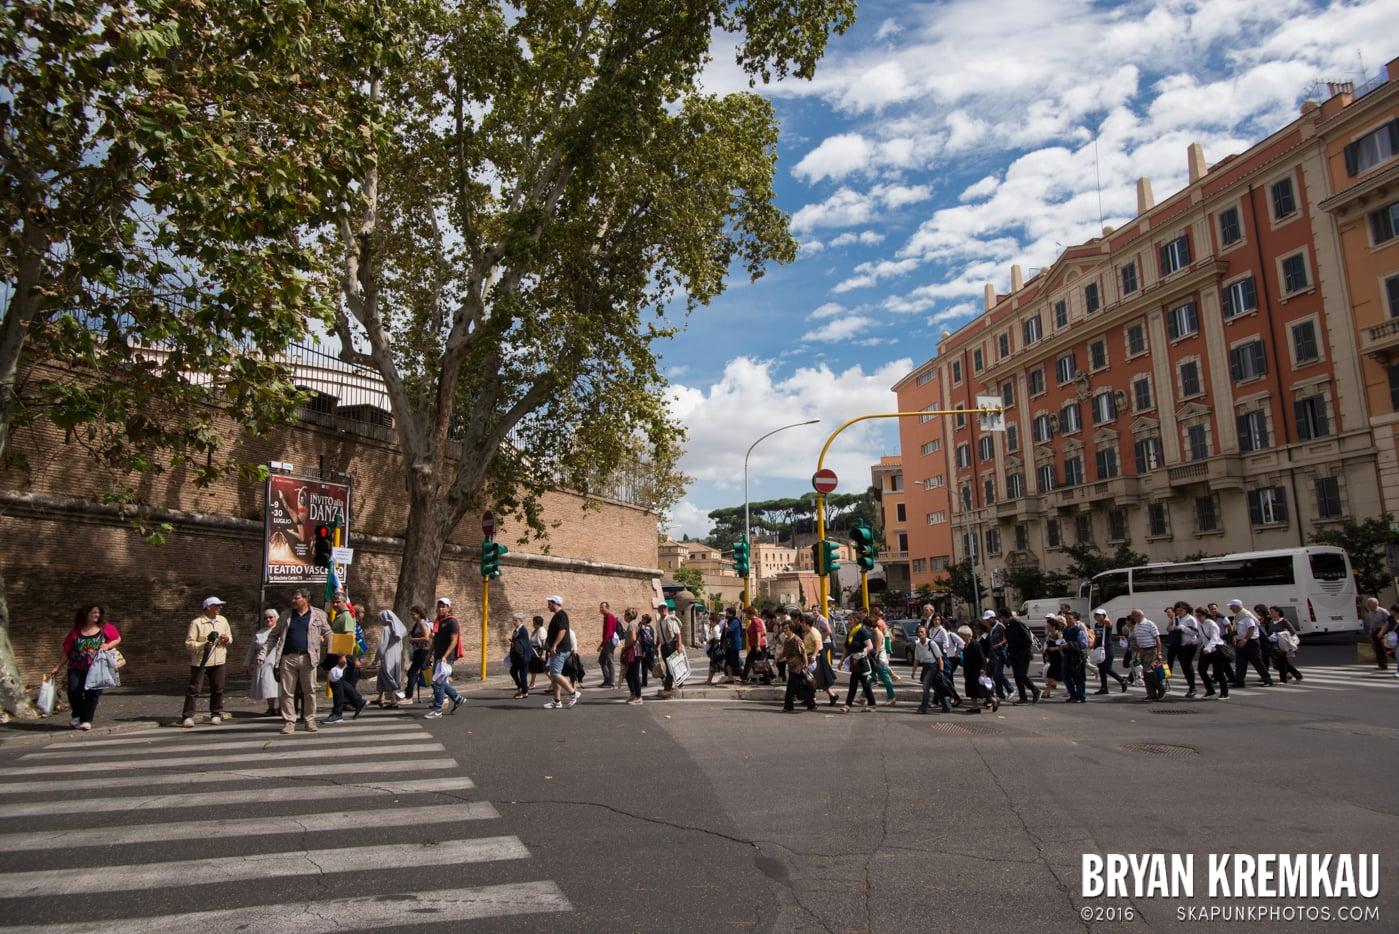 Italy Vacation - Day 3: Rome - 9.11.13 (31)